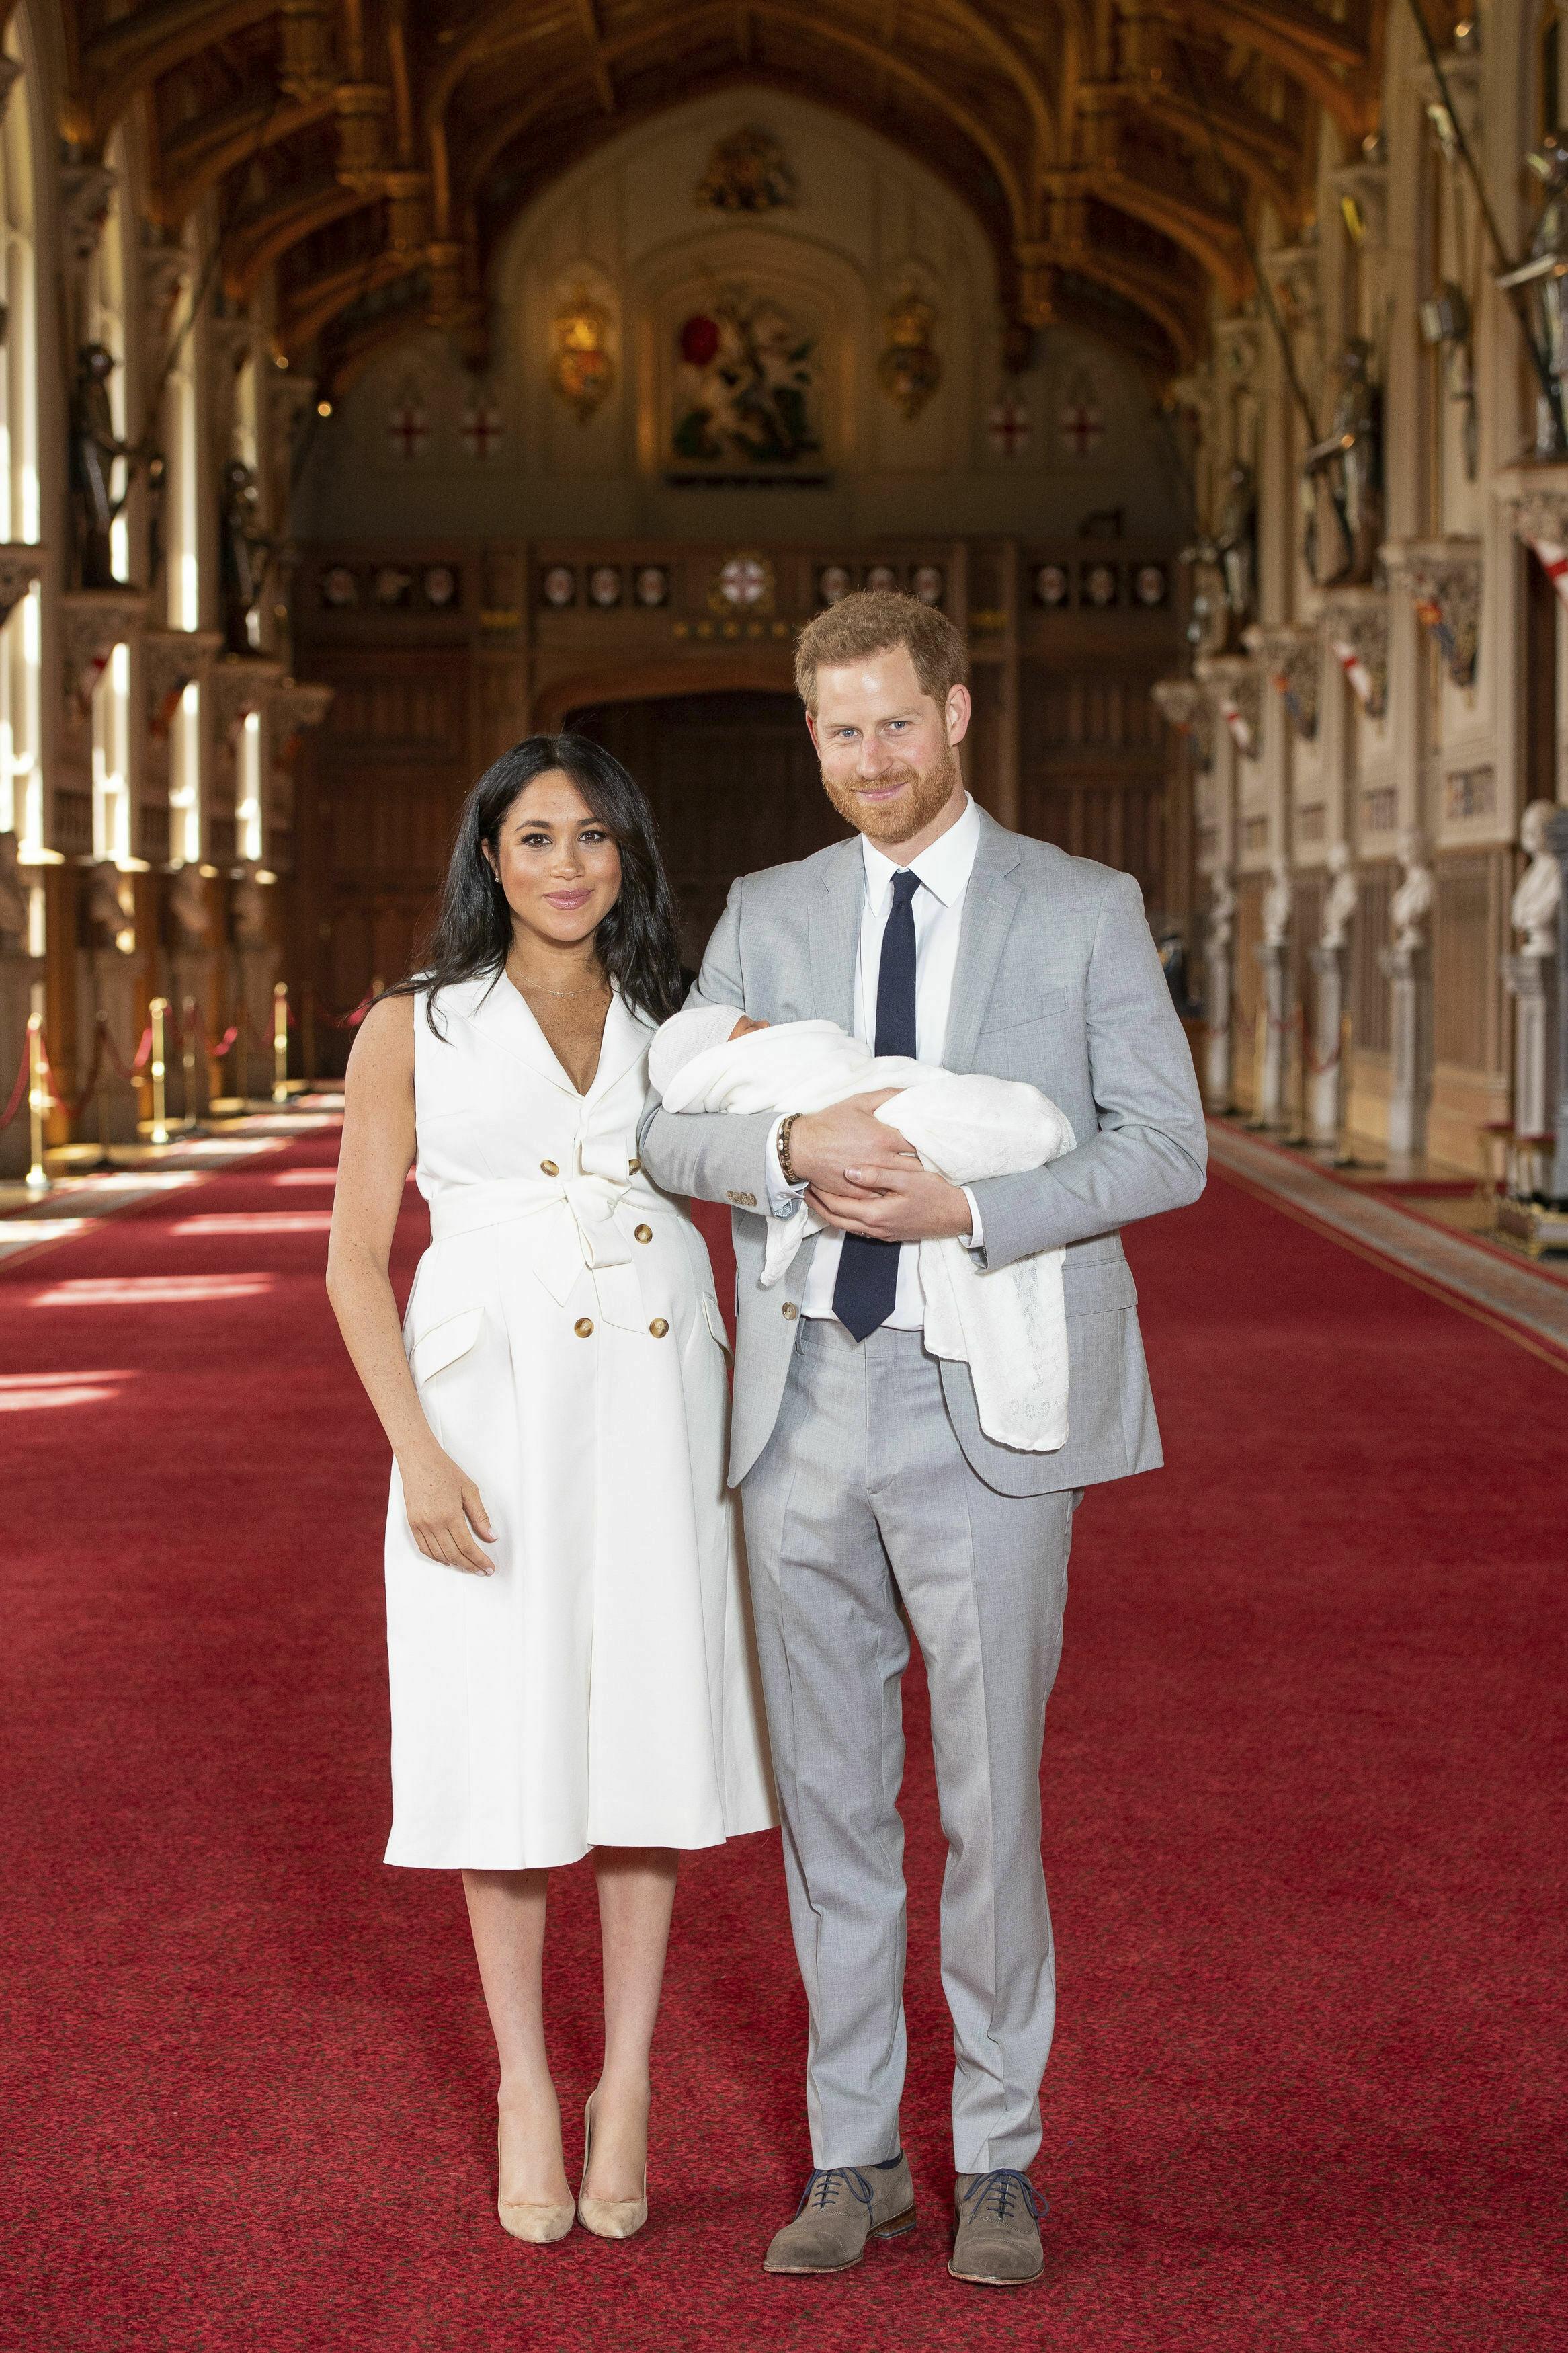 El 6 de mayo de 2019 Meghan y Harry recibieron a su primogénito, al que llamaron Archie Harrison Mountbatten-Windsor. (Archivo)